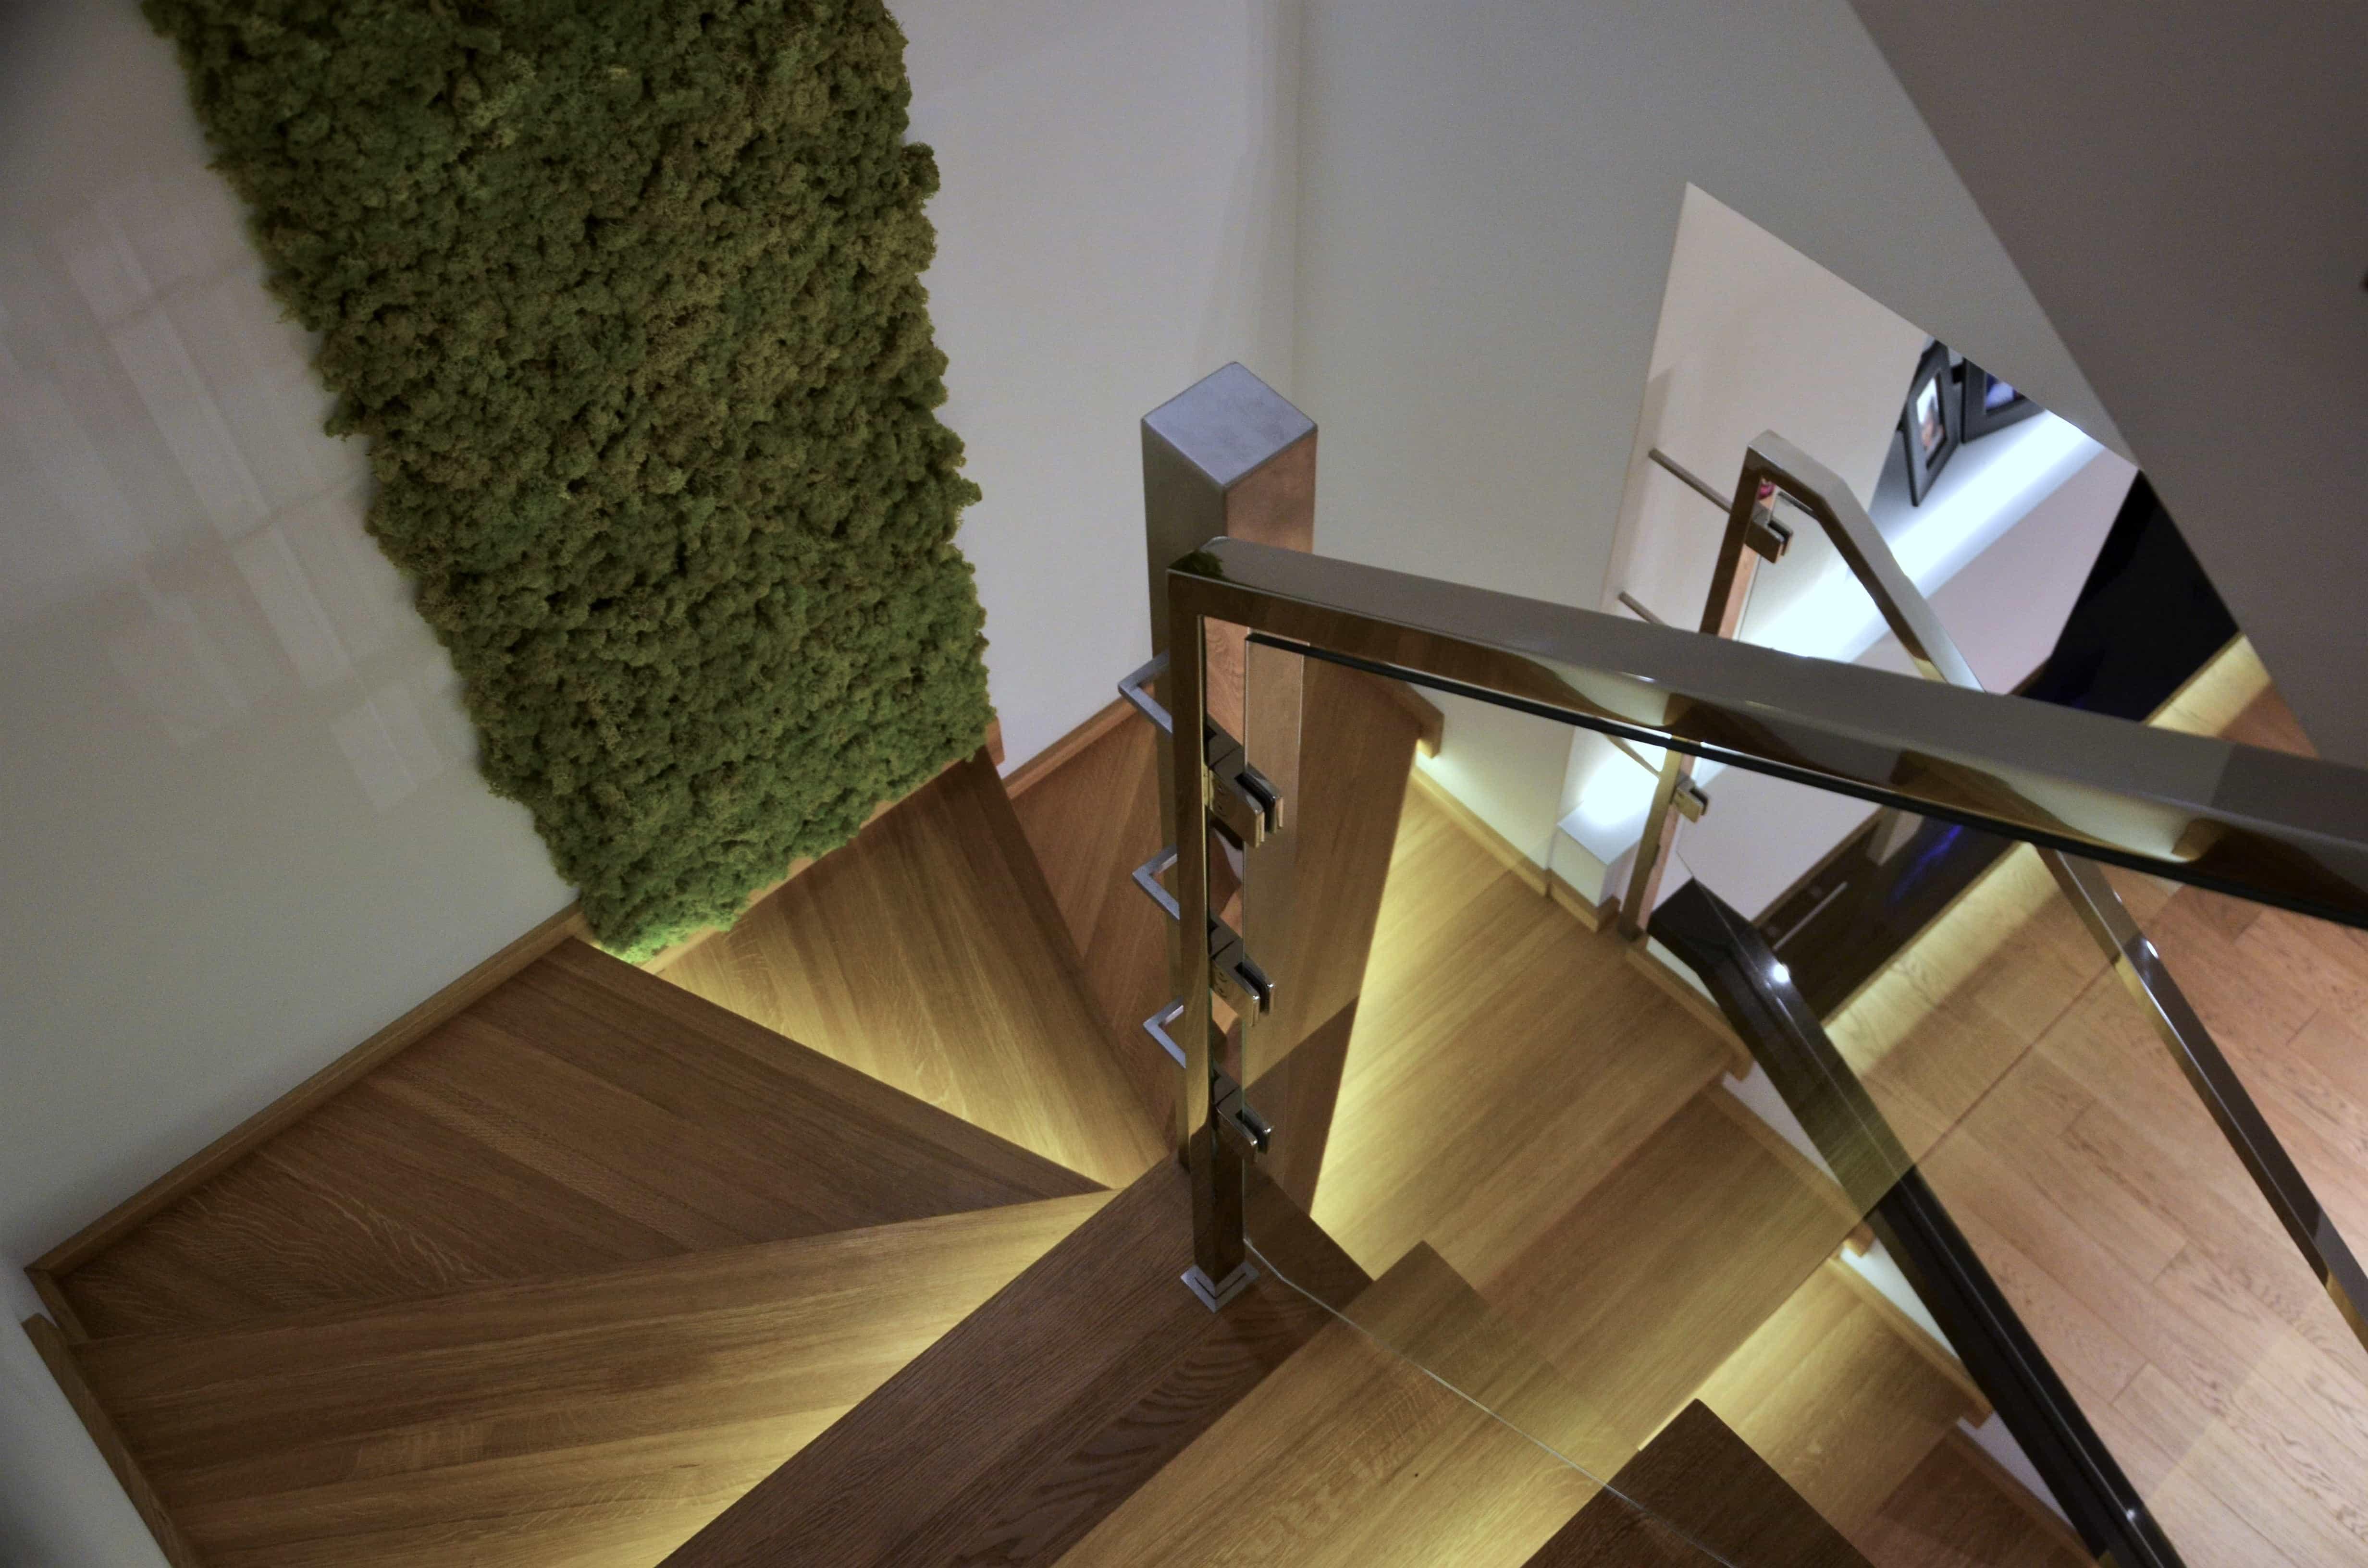 Projekt architektury wnętrza dla klienta z Warszawy